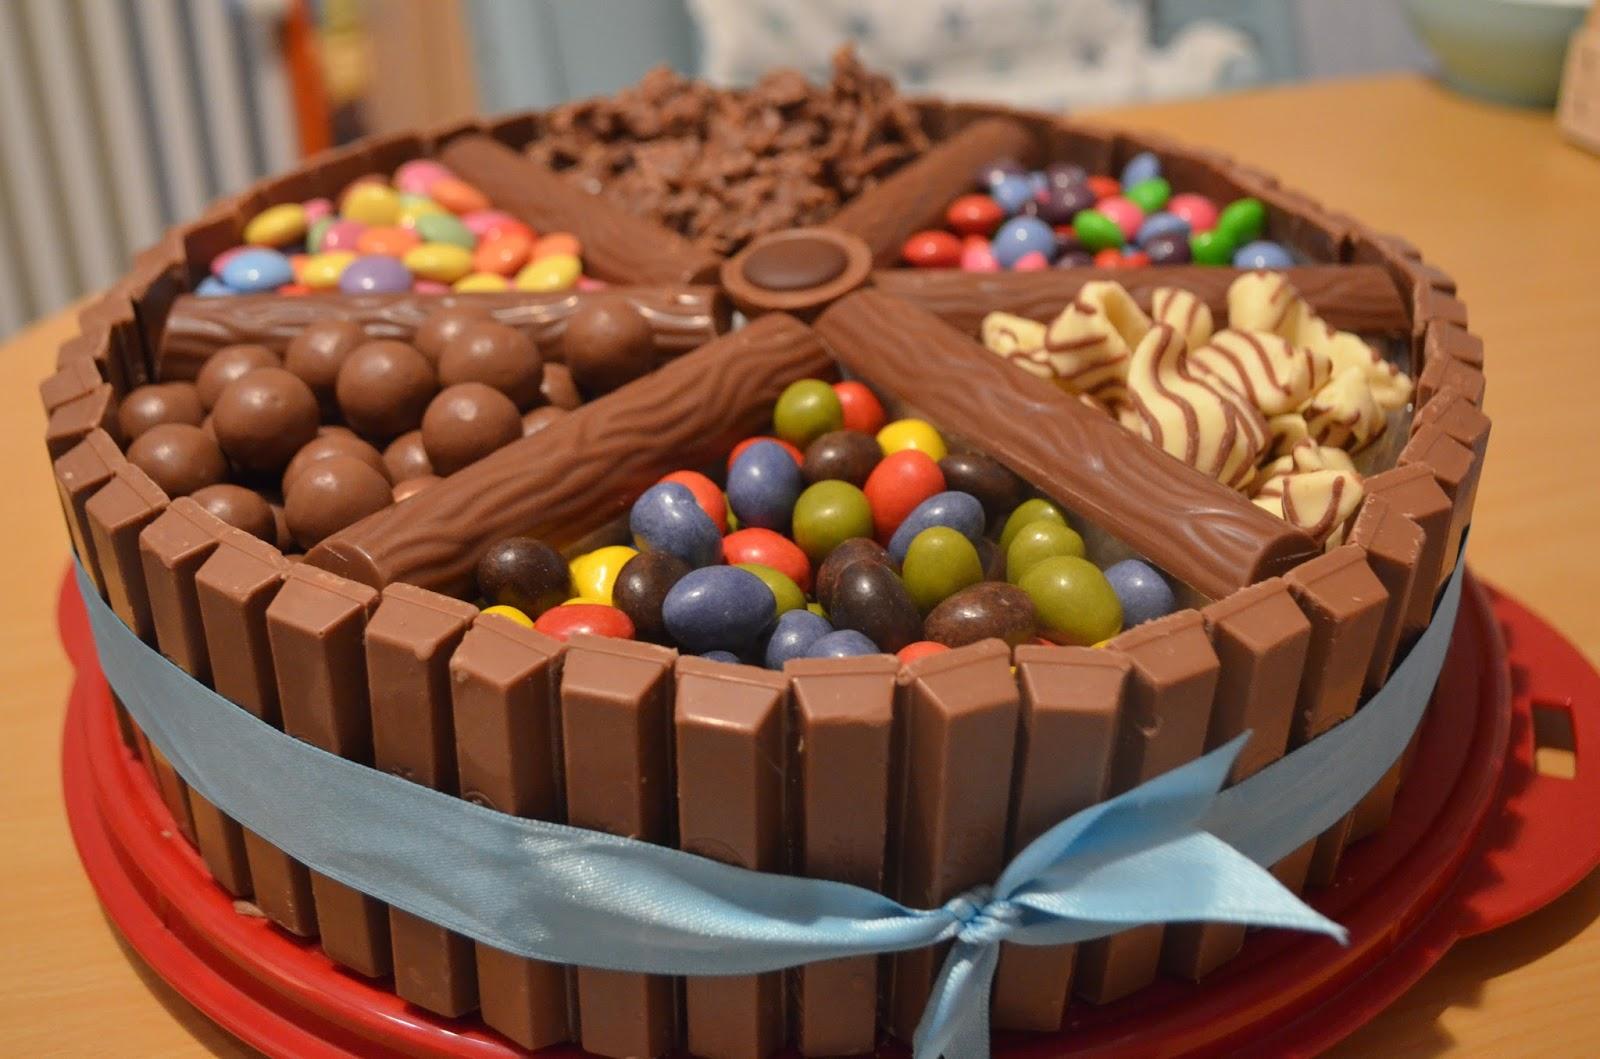 Sussigkeiten Torte Basteln Kinderschokolade